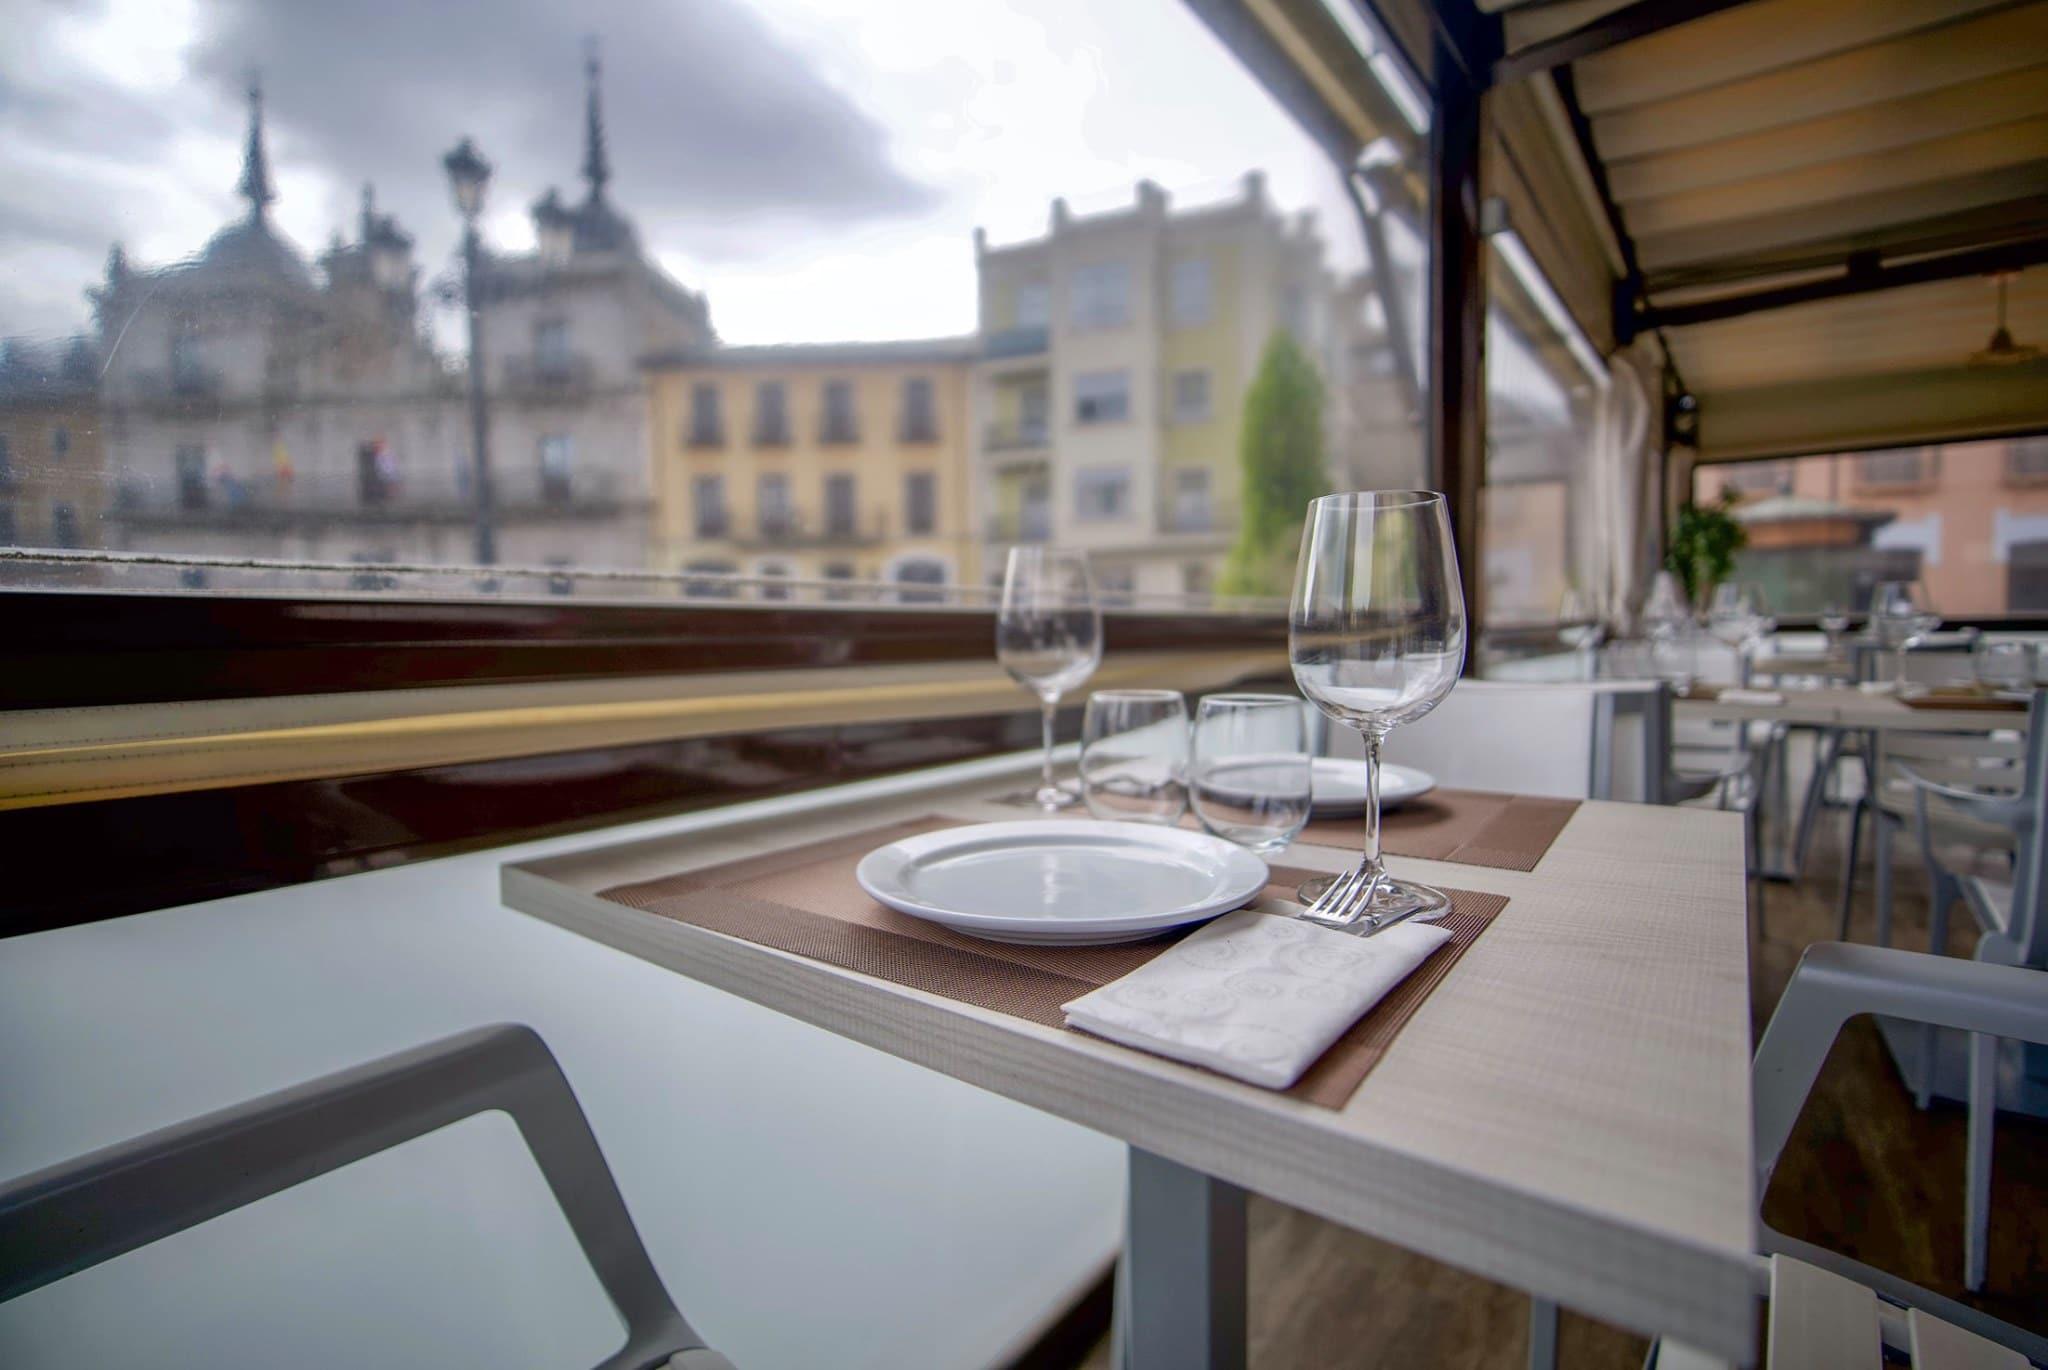 El Restaurante La Violeta prepara un suculento menú para las Jornadas Gastronómicas de El Bierzo que comienzan la próxima semana 1